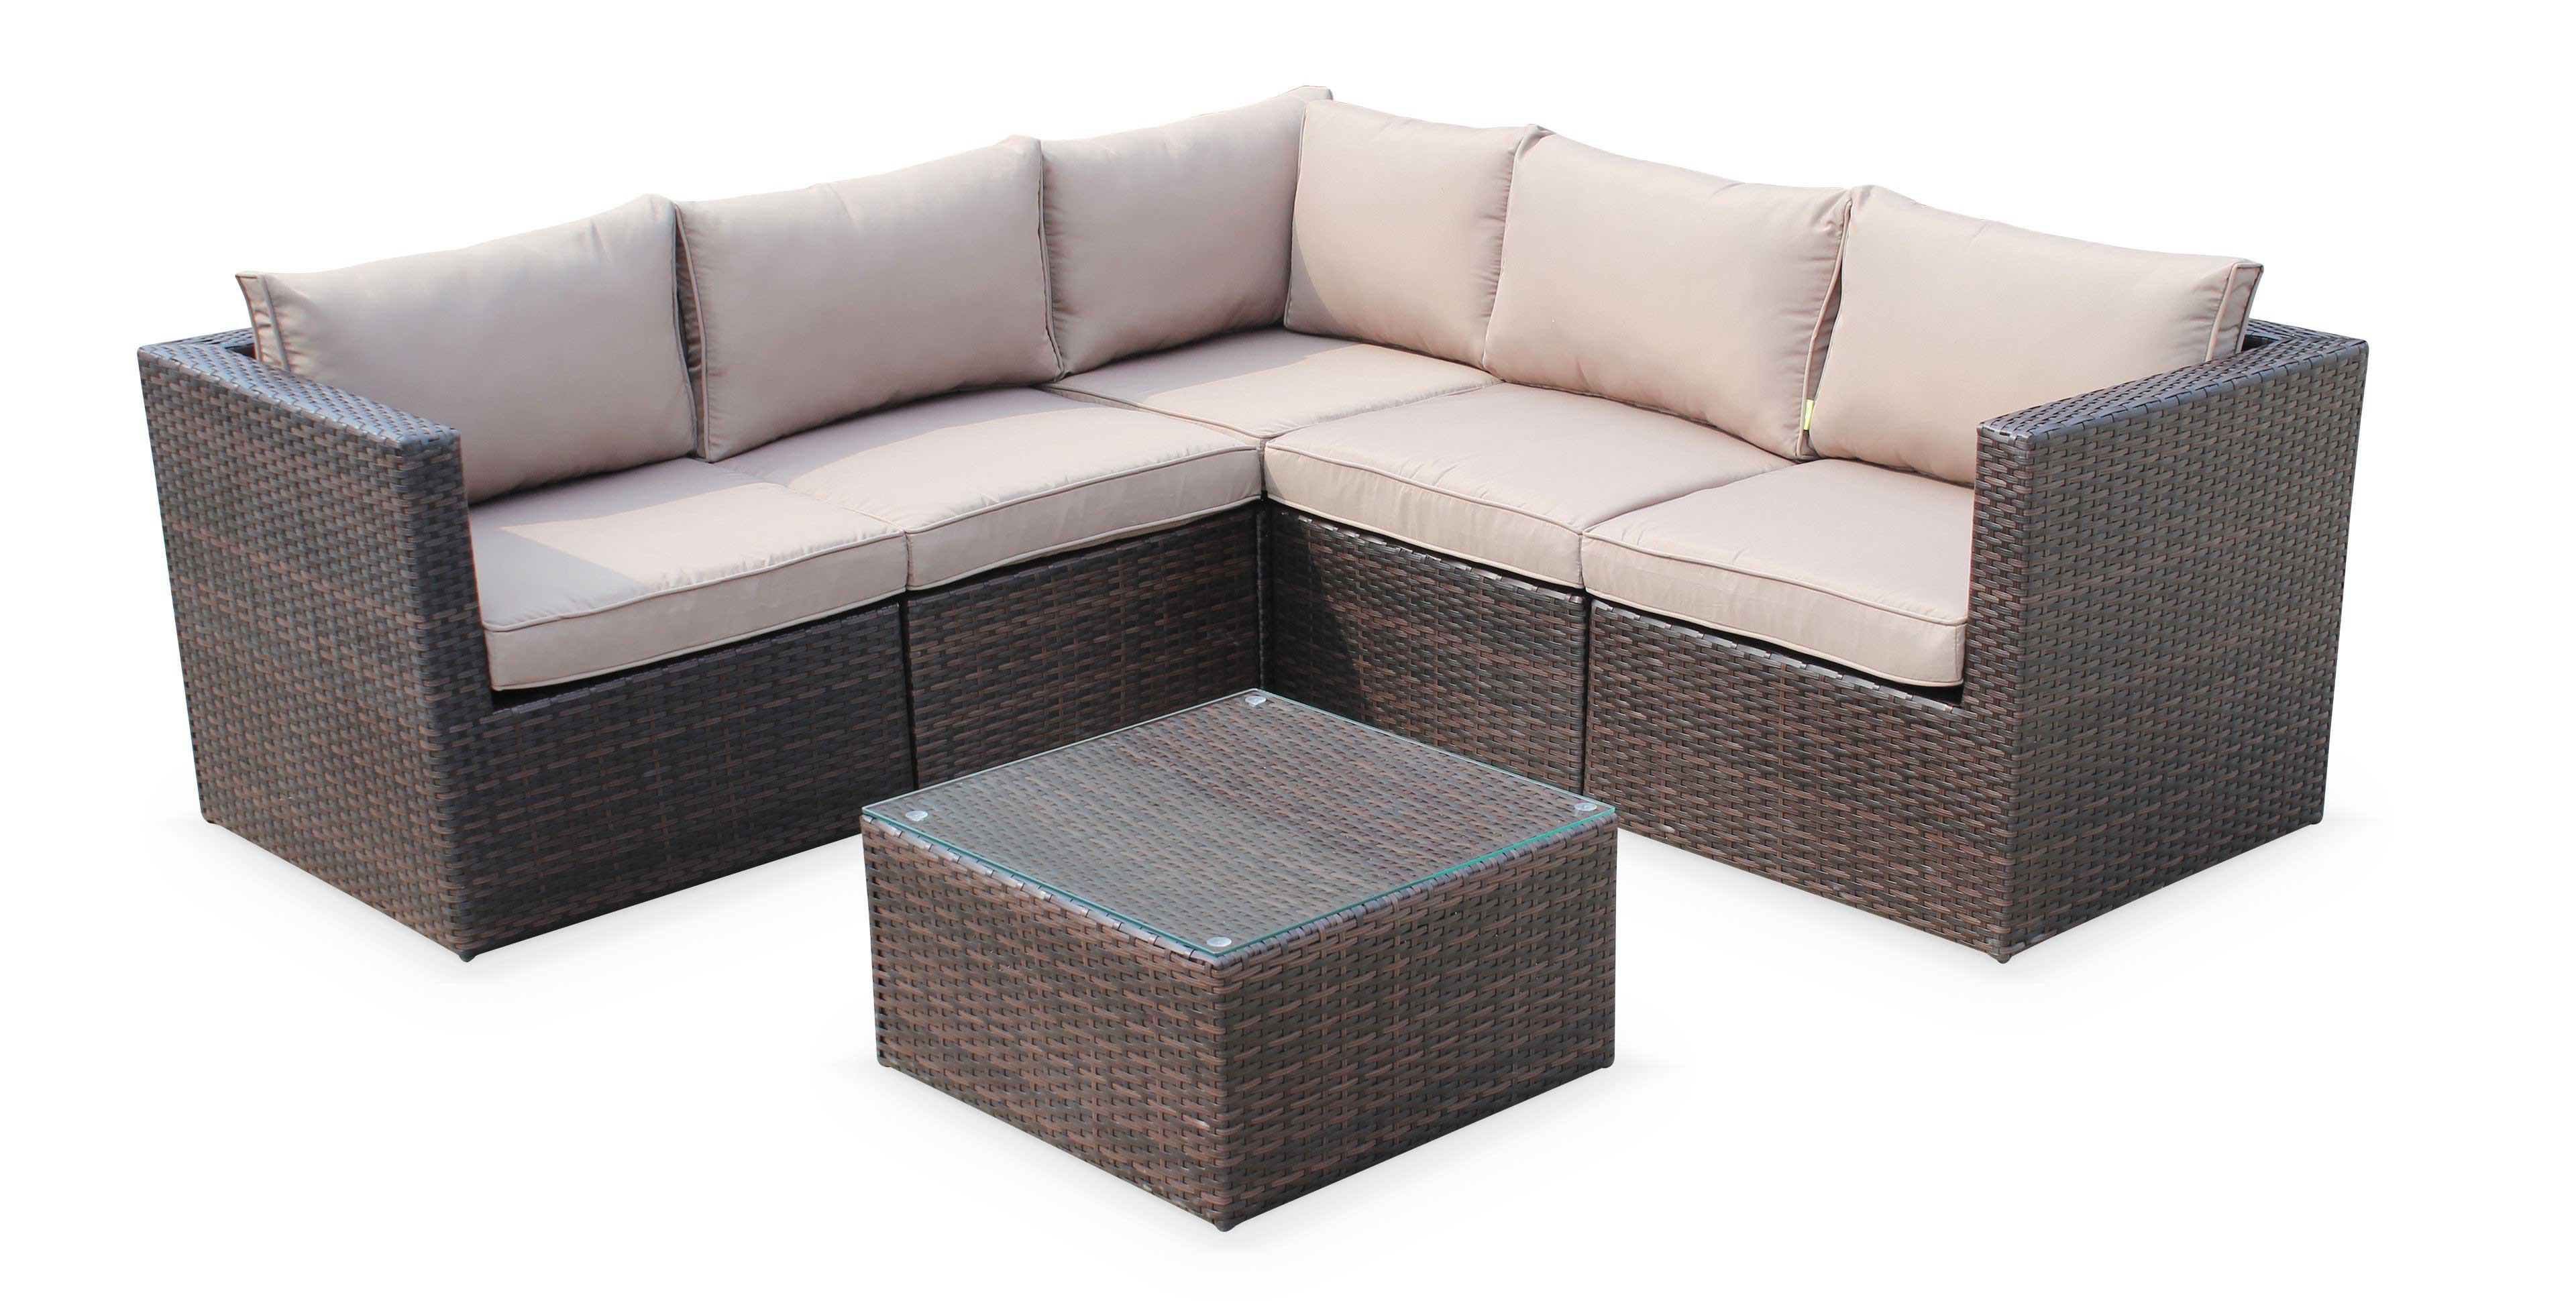 salon de jardin s sofas